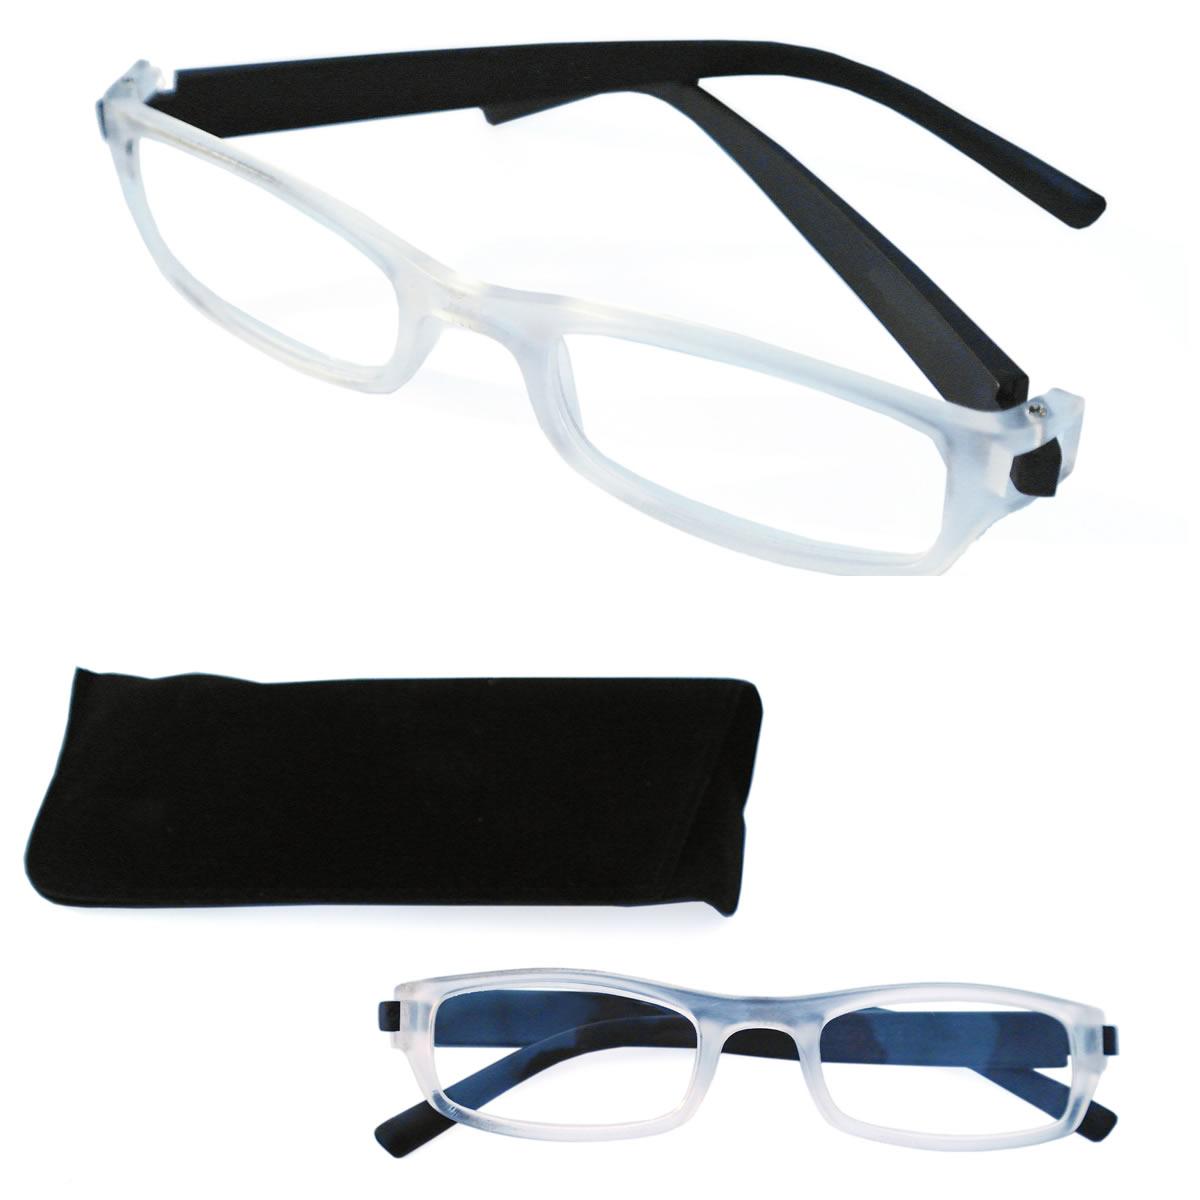 ls lesebrille brille lesehilfe sehhilfe inkl samt etui 1. Black Bedroom Furniture Sets. Home Design Ideas